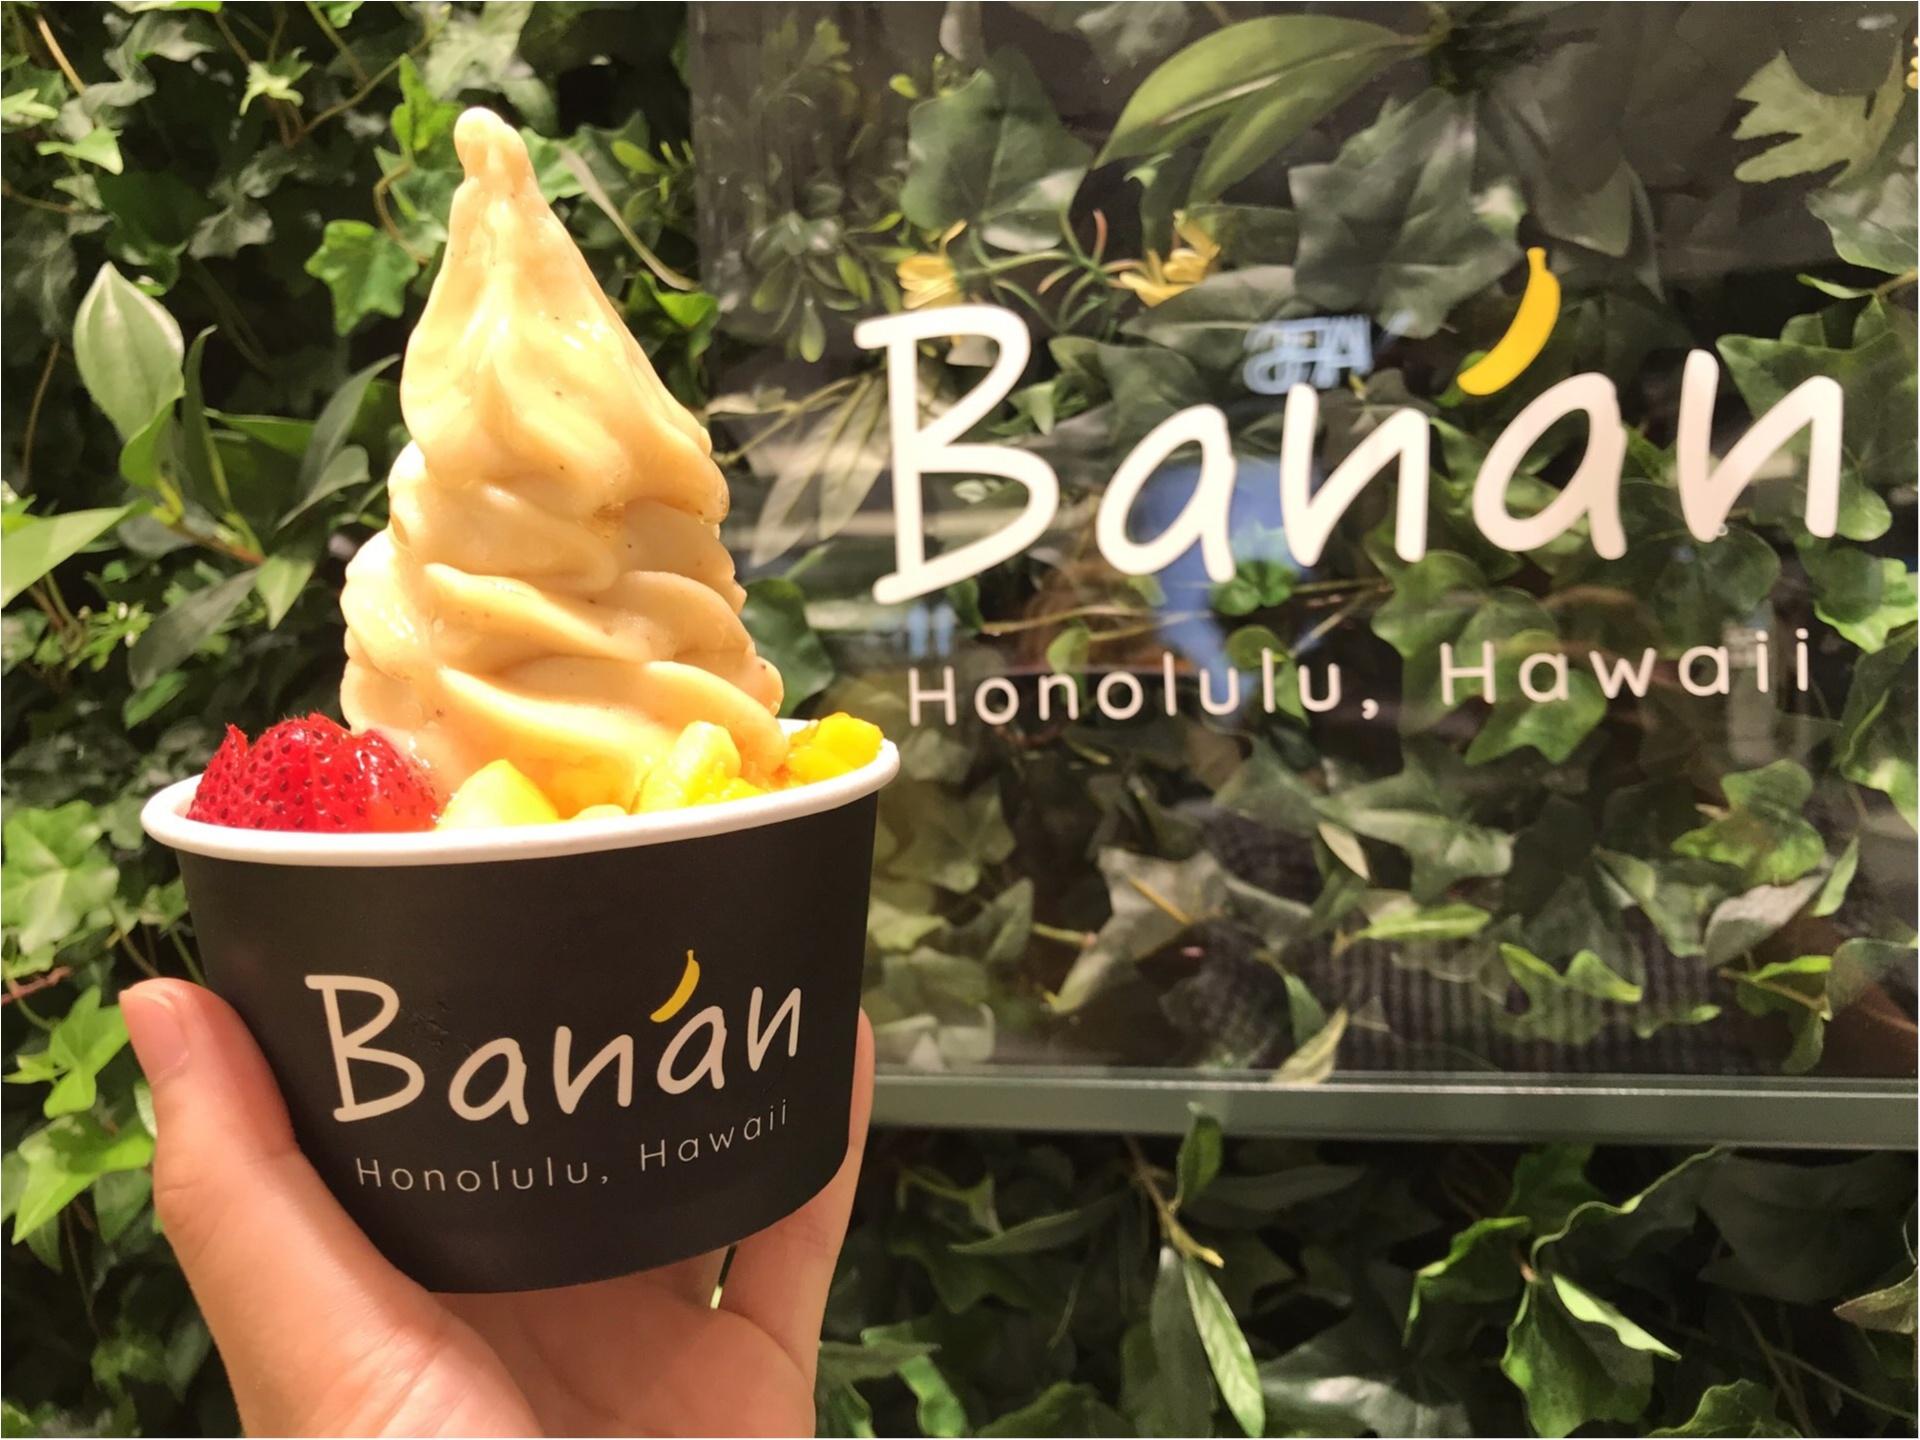 超ヘルシー!砂糖・乳製品不使用!ハワイ発【Banan(バナン)】が横浜に日本初上陸♡_1